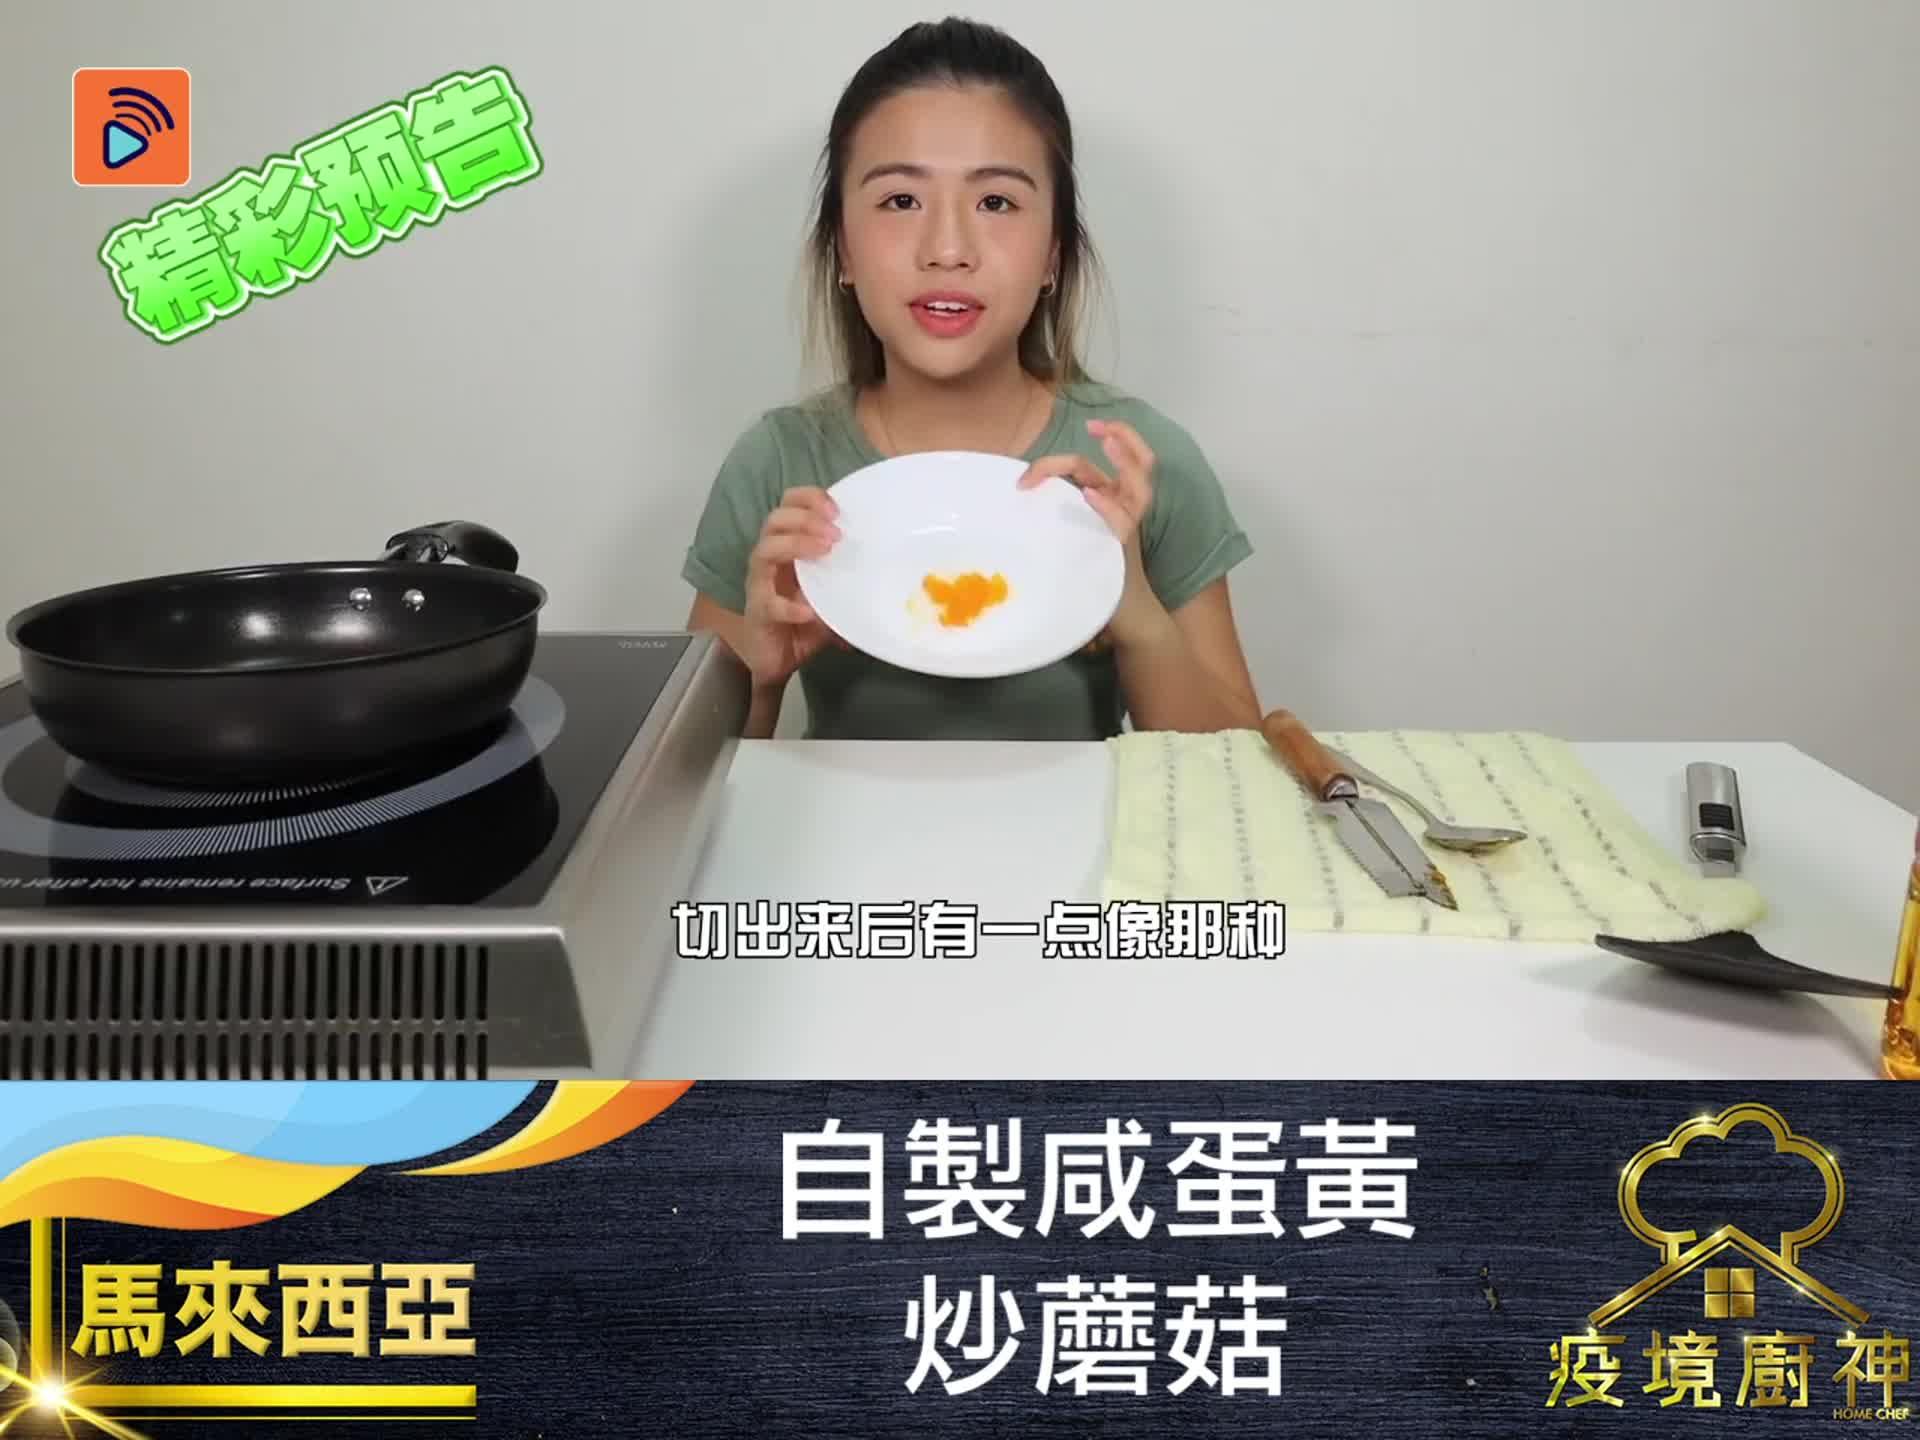 【自製咸蛋黃 炒蘑菇】~來自馬來西亞嘅疫境廚神~ 用雞蛋自製咸蛋黃 原來唔複雜 只要有麵粉 鹽 同埋2日時間就得!